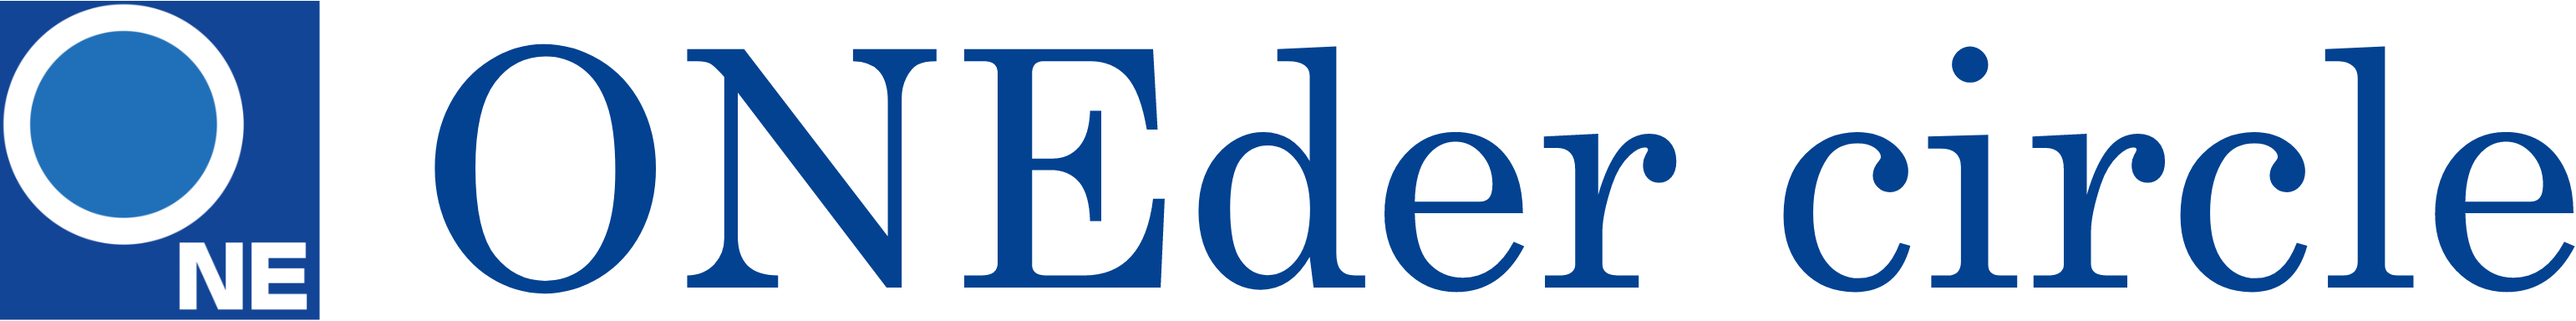 株式会社ONEder circle